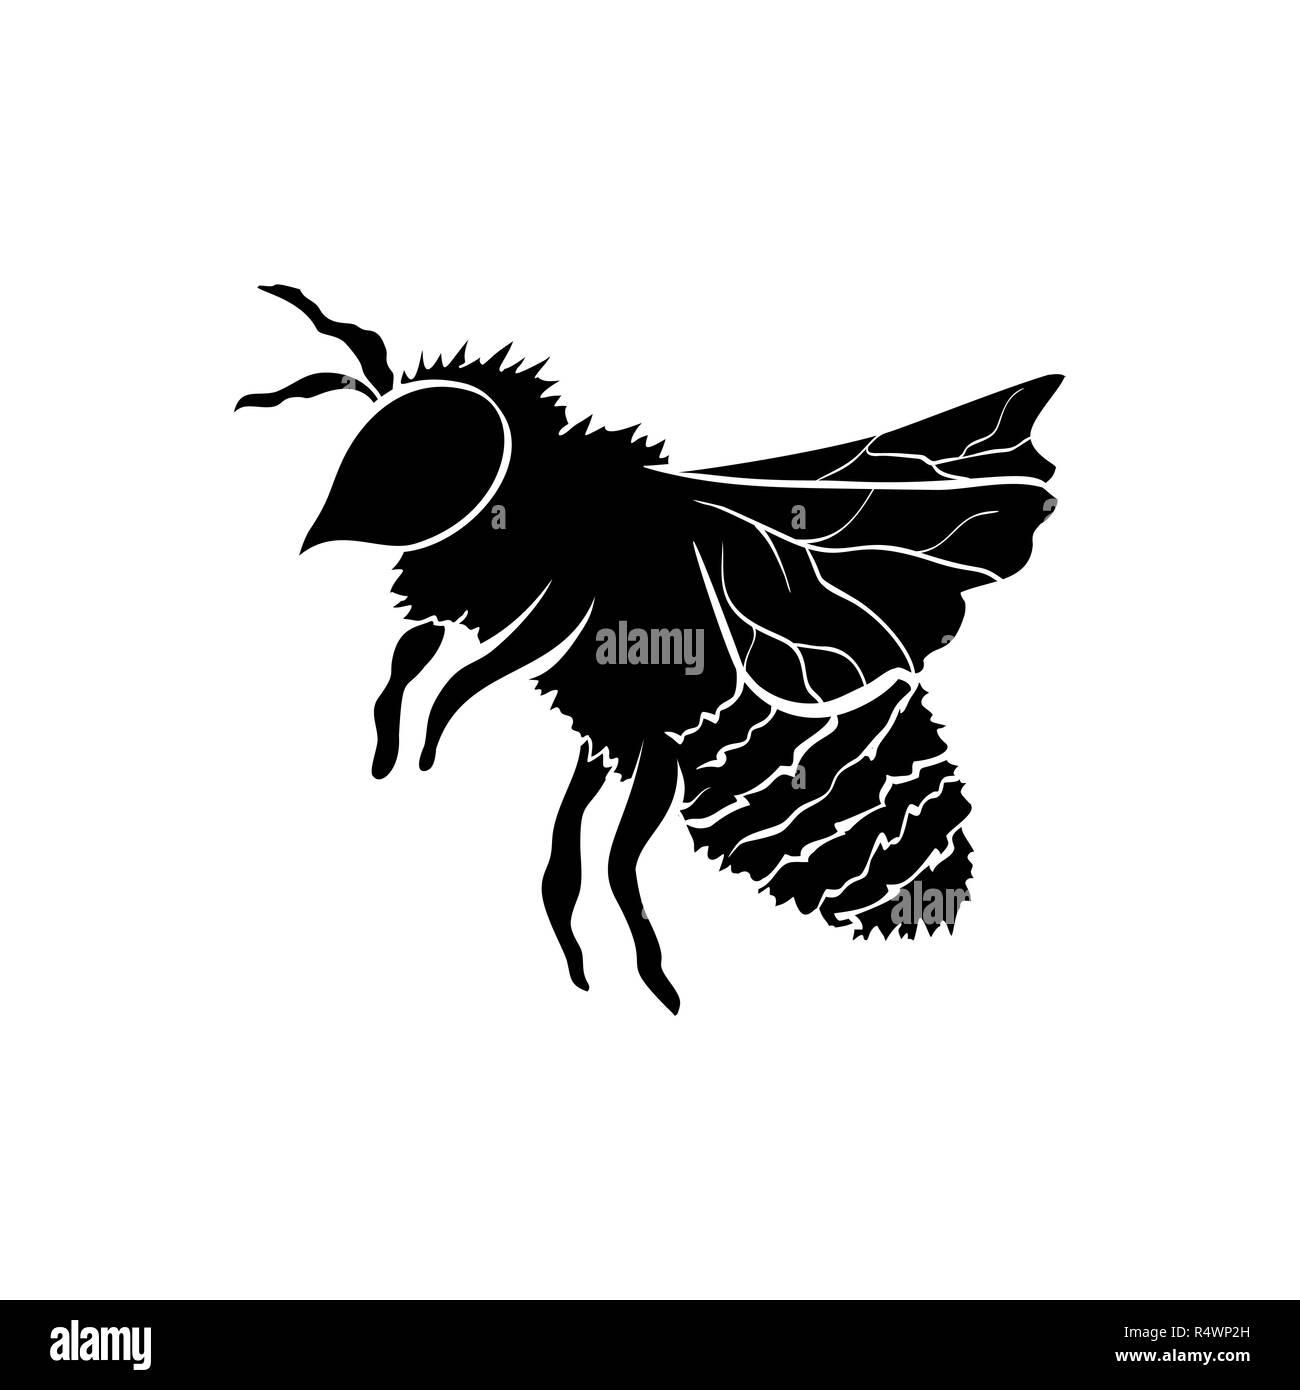 Honey Bee Silhouette Logo Design Isolierte Vektor Schwarz